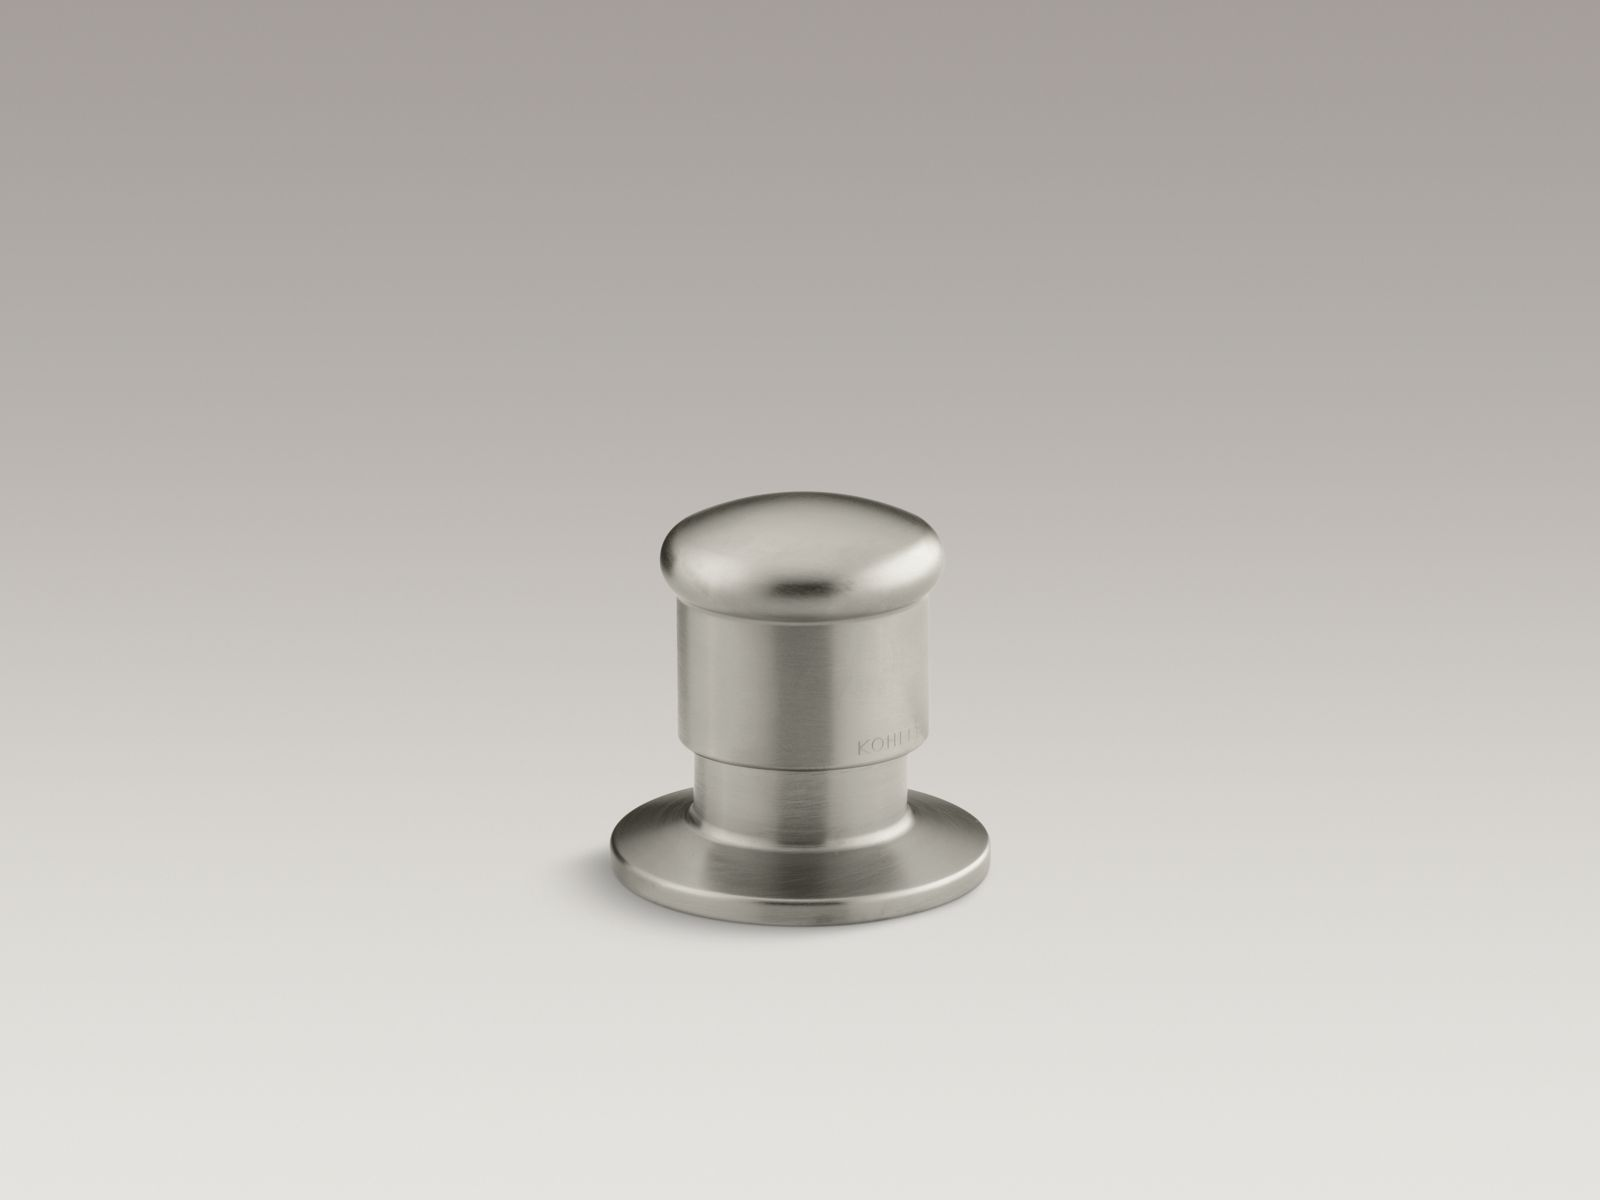 Kohler K-9530-BN Deck-Mount Two-Way Diverter Valve Brushed Nickel